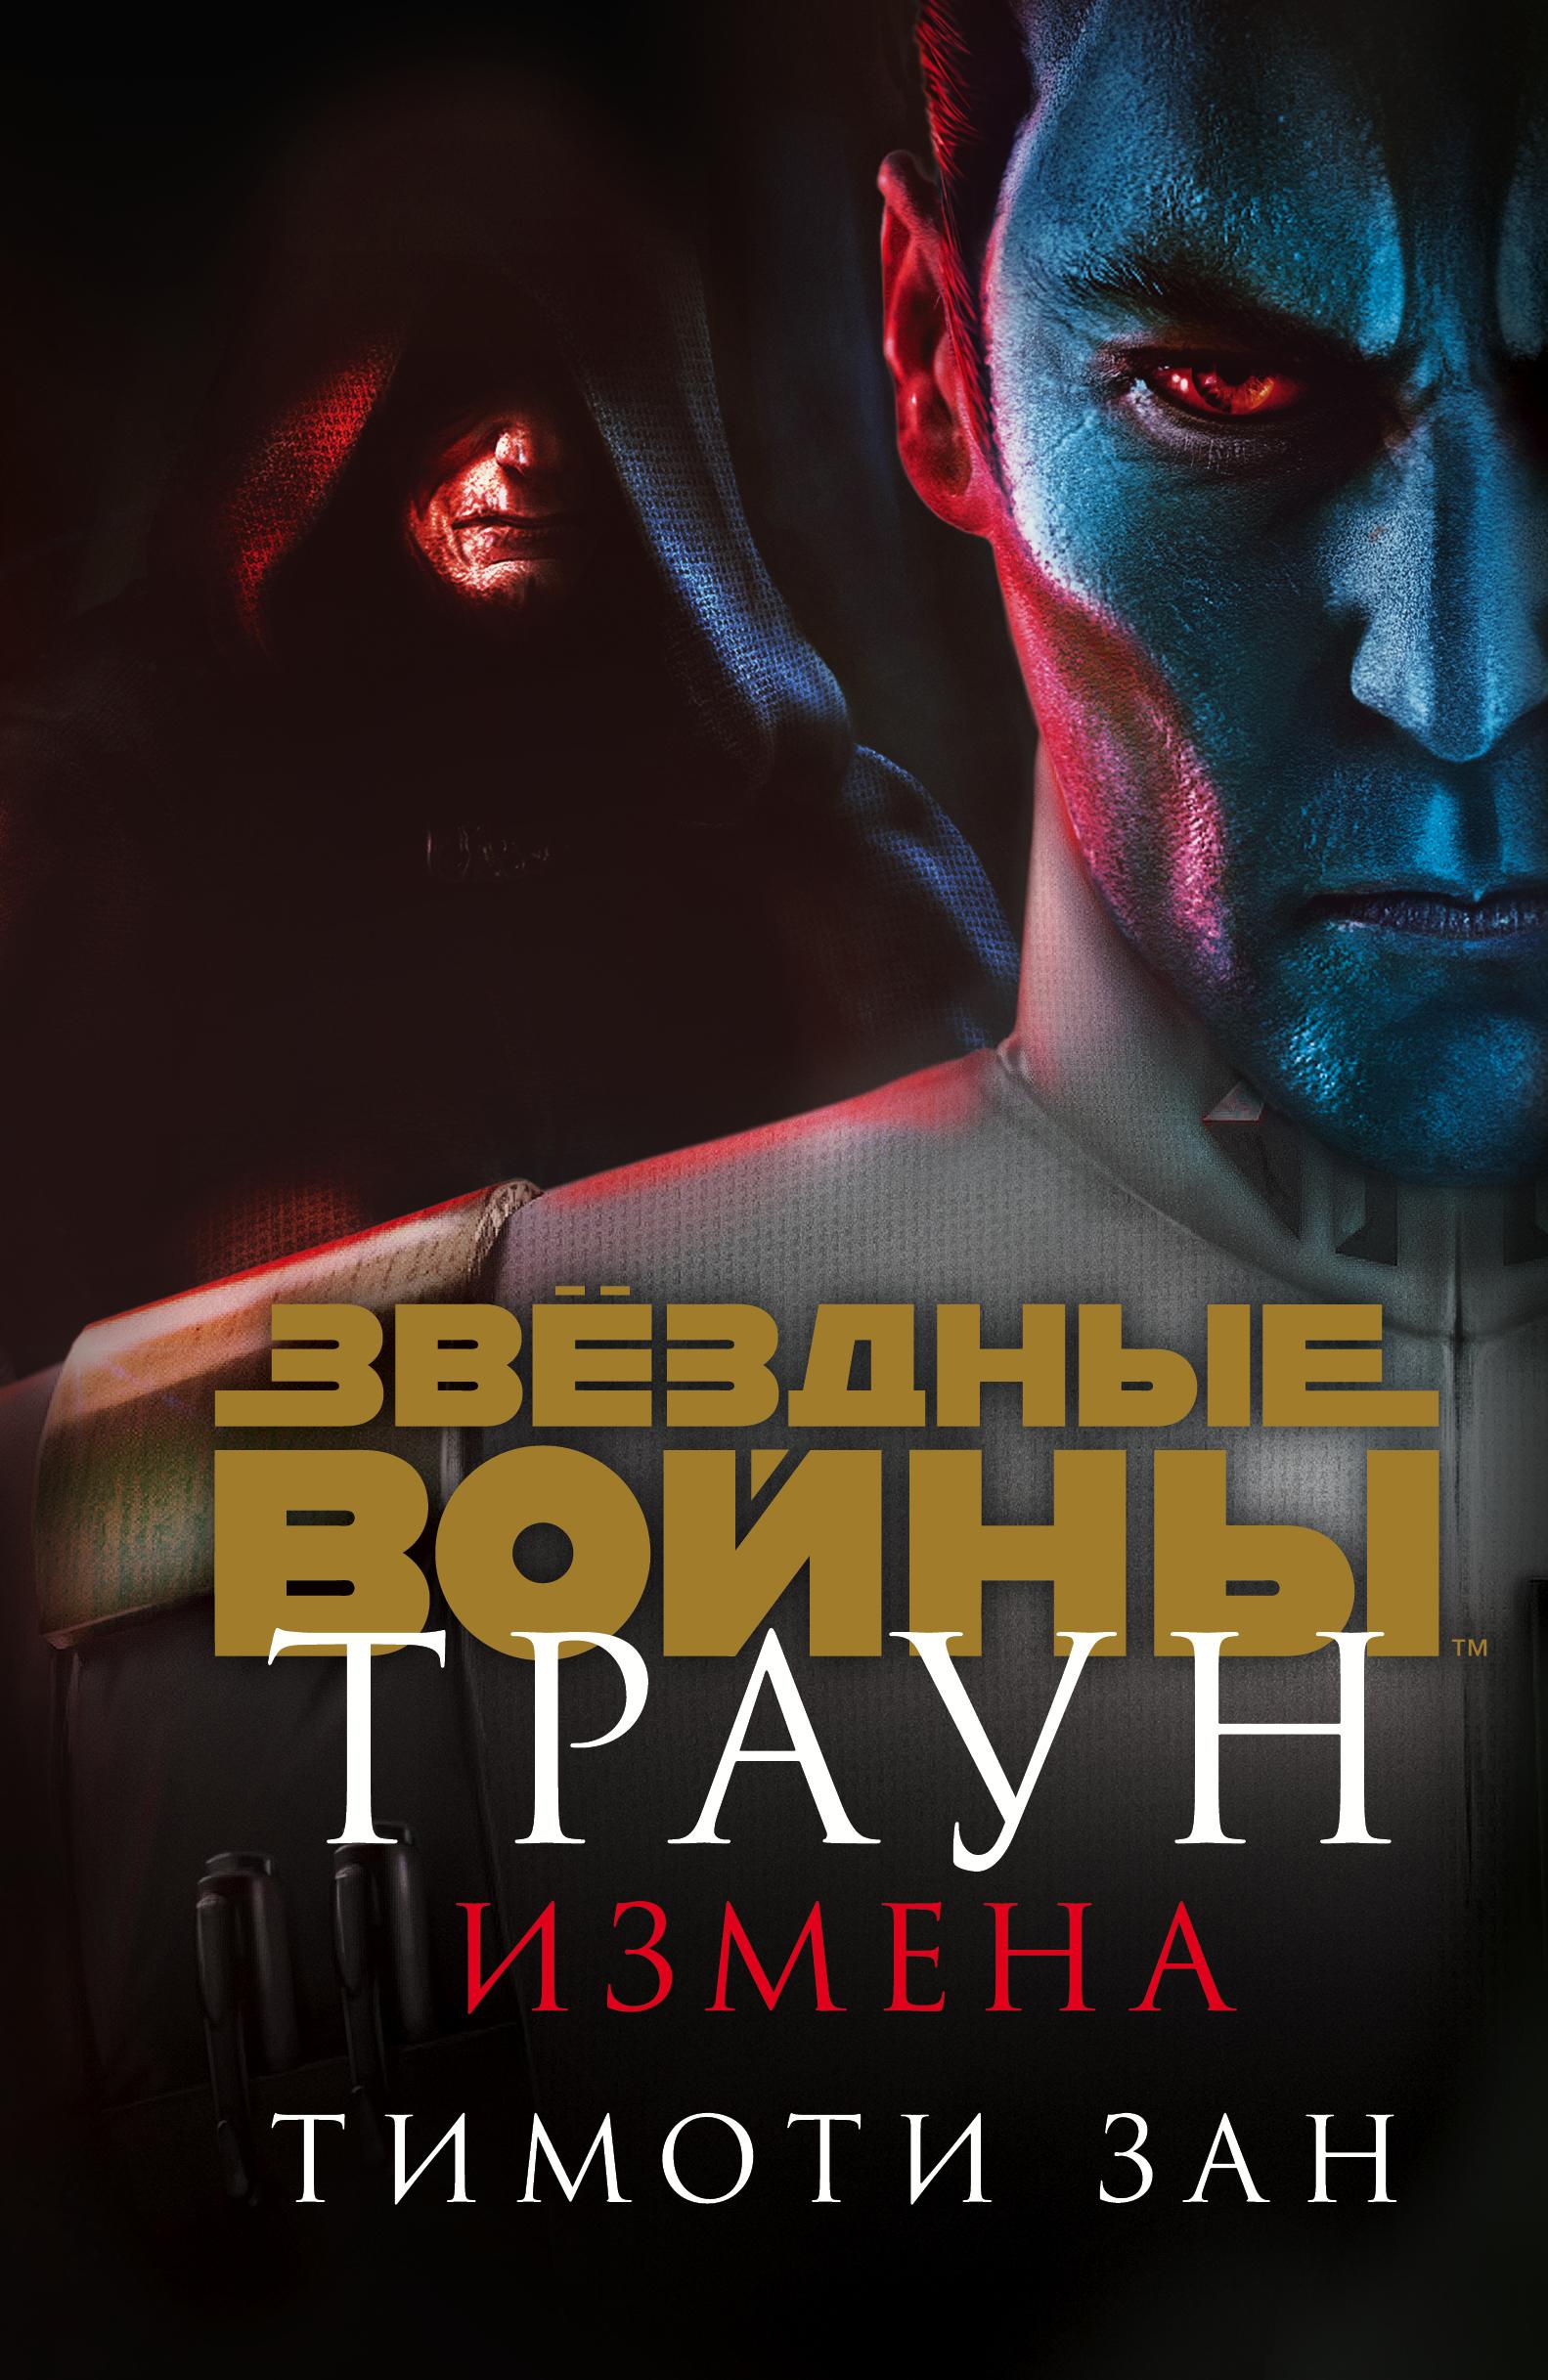 Читаем книгу «Траун: Измена» — финальную книгу вновой трилогии Тимоти Зана по«Звёздным войнам» 1